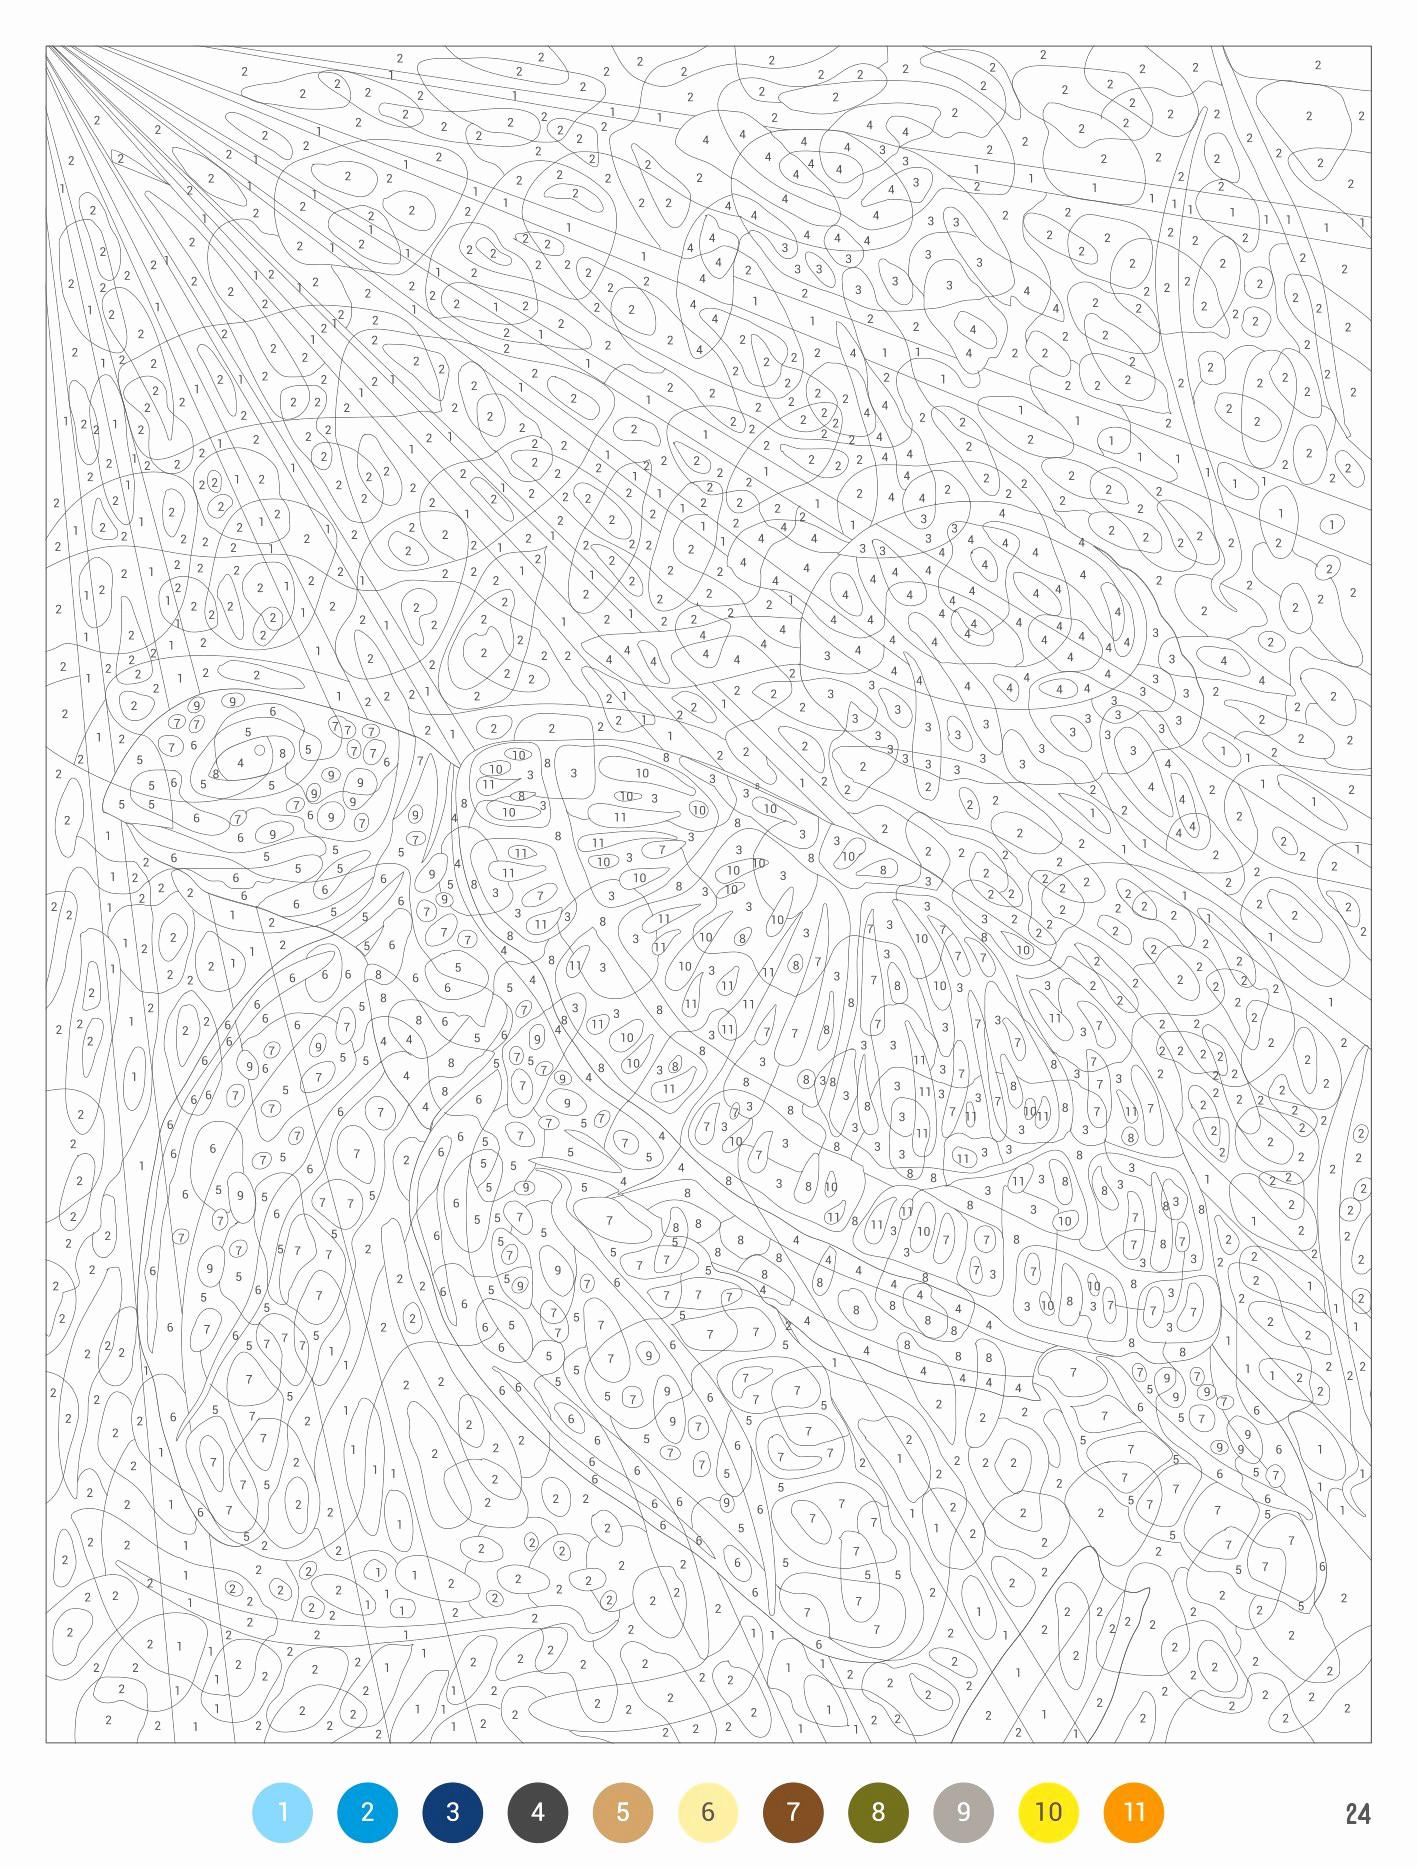 Malen Nach Zahlen 1-10 Einzigartig Zahlen Malen Vorlagen Best Malen Nach Zahlen Drucken Bild